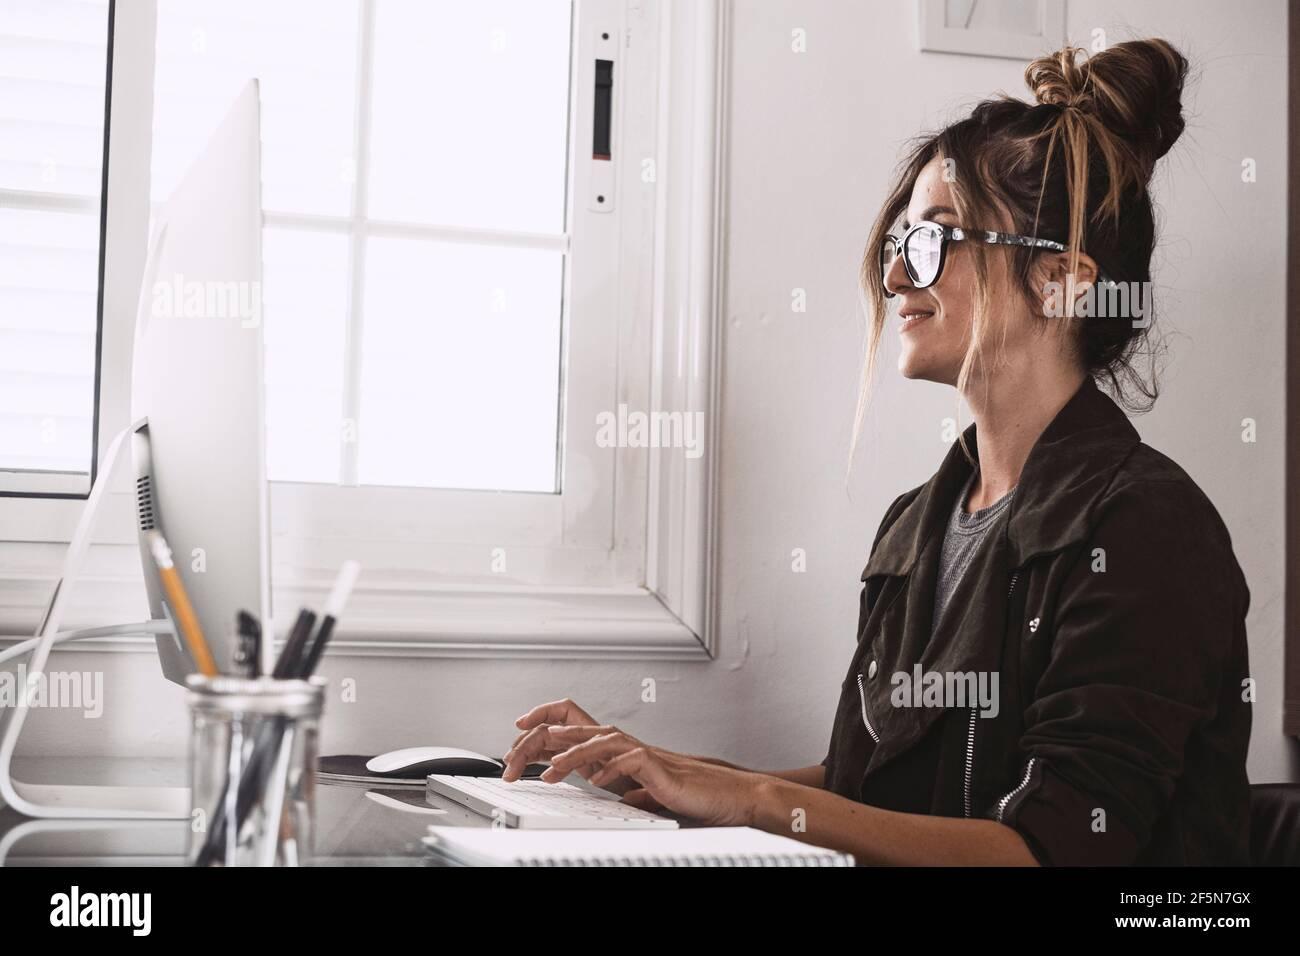 Bonne jeune femme adulte dans la vidéoconférence à la maison dans le travail intelligent, libre alternative au mode de vie de travail de bureau - joli les femmes reçoivent des nouvelles sur Banque D'Images